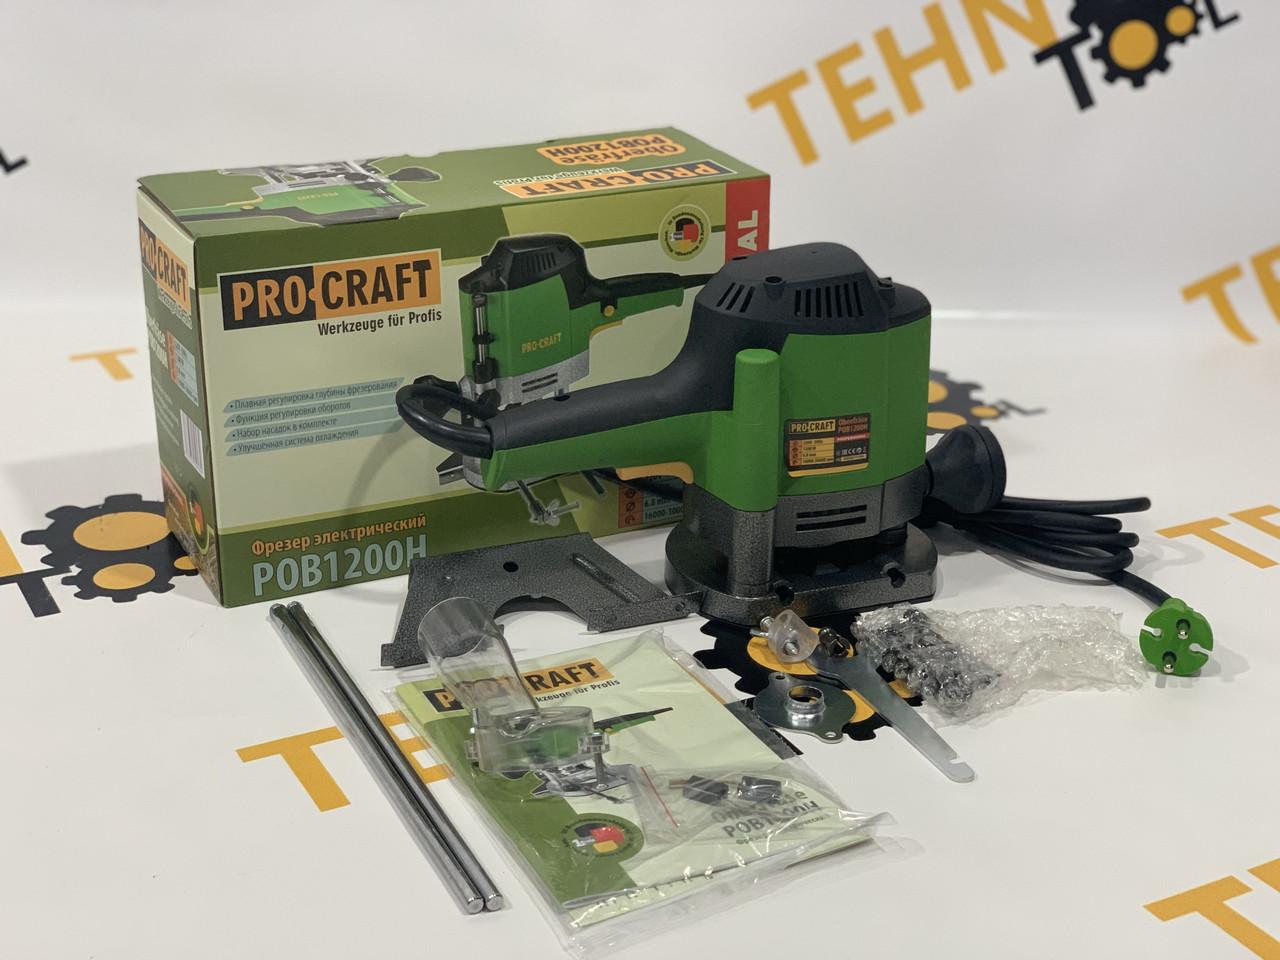 Фрезер однорічний Procraft POB 1200H з набором фрез.